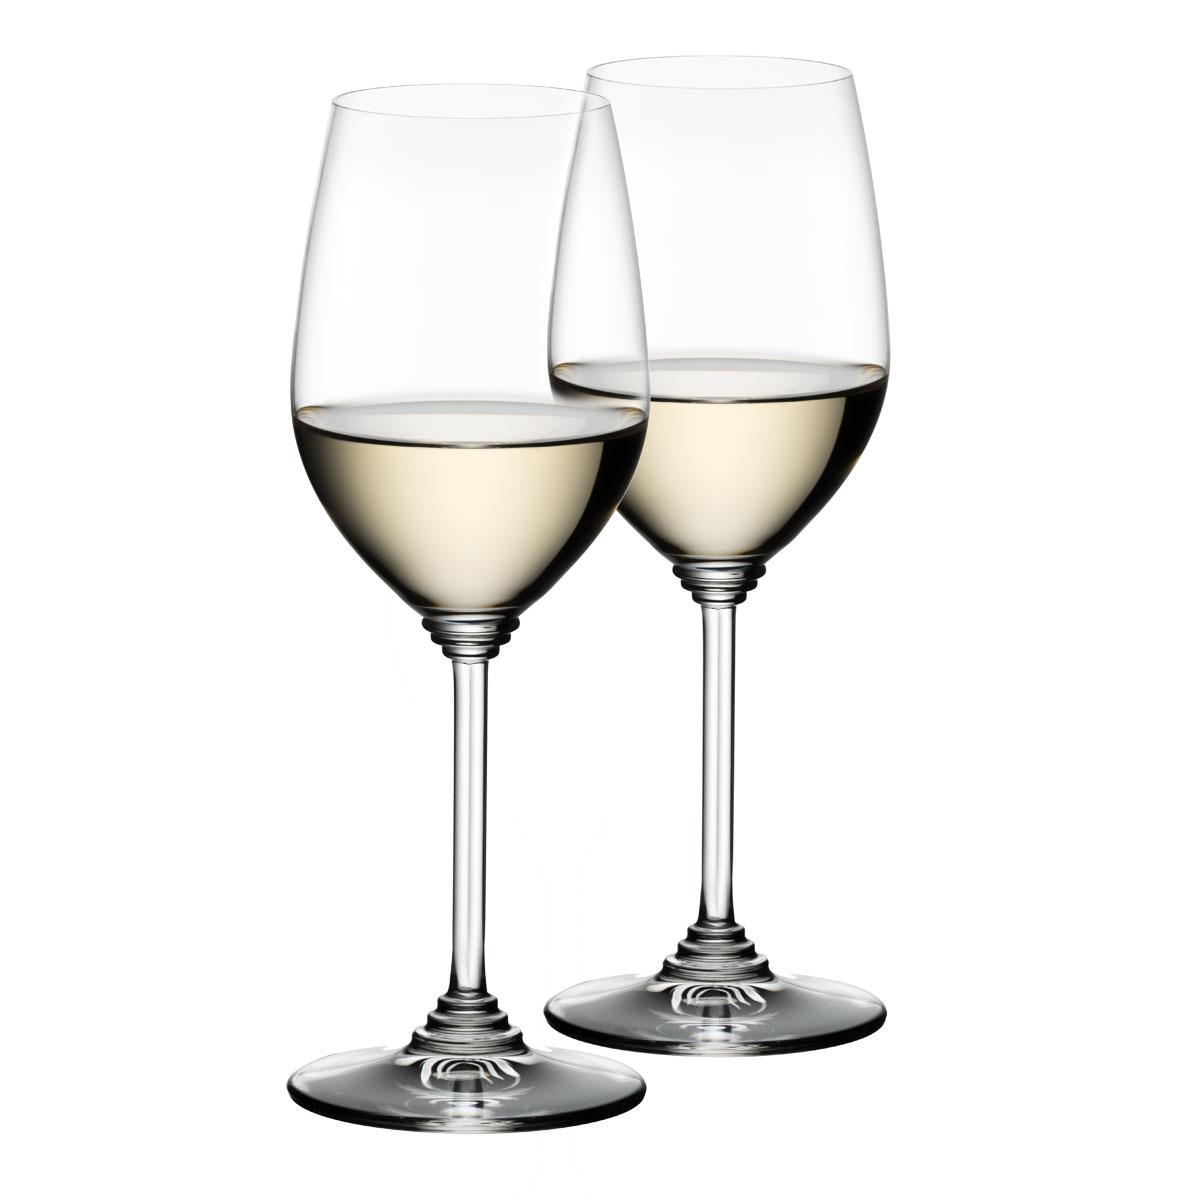 Riedel Wine, Zinfandel Riesling Wine Glasses, Pair